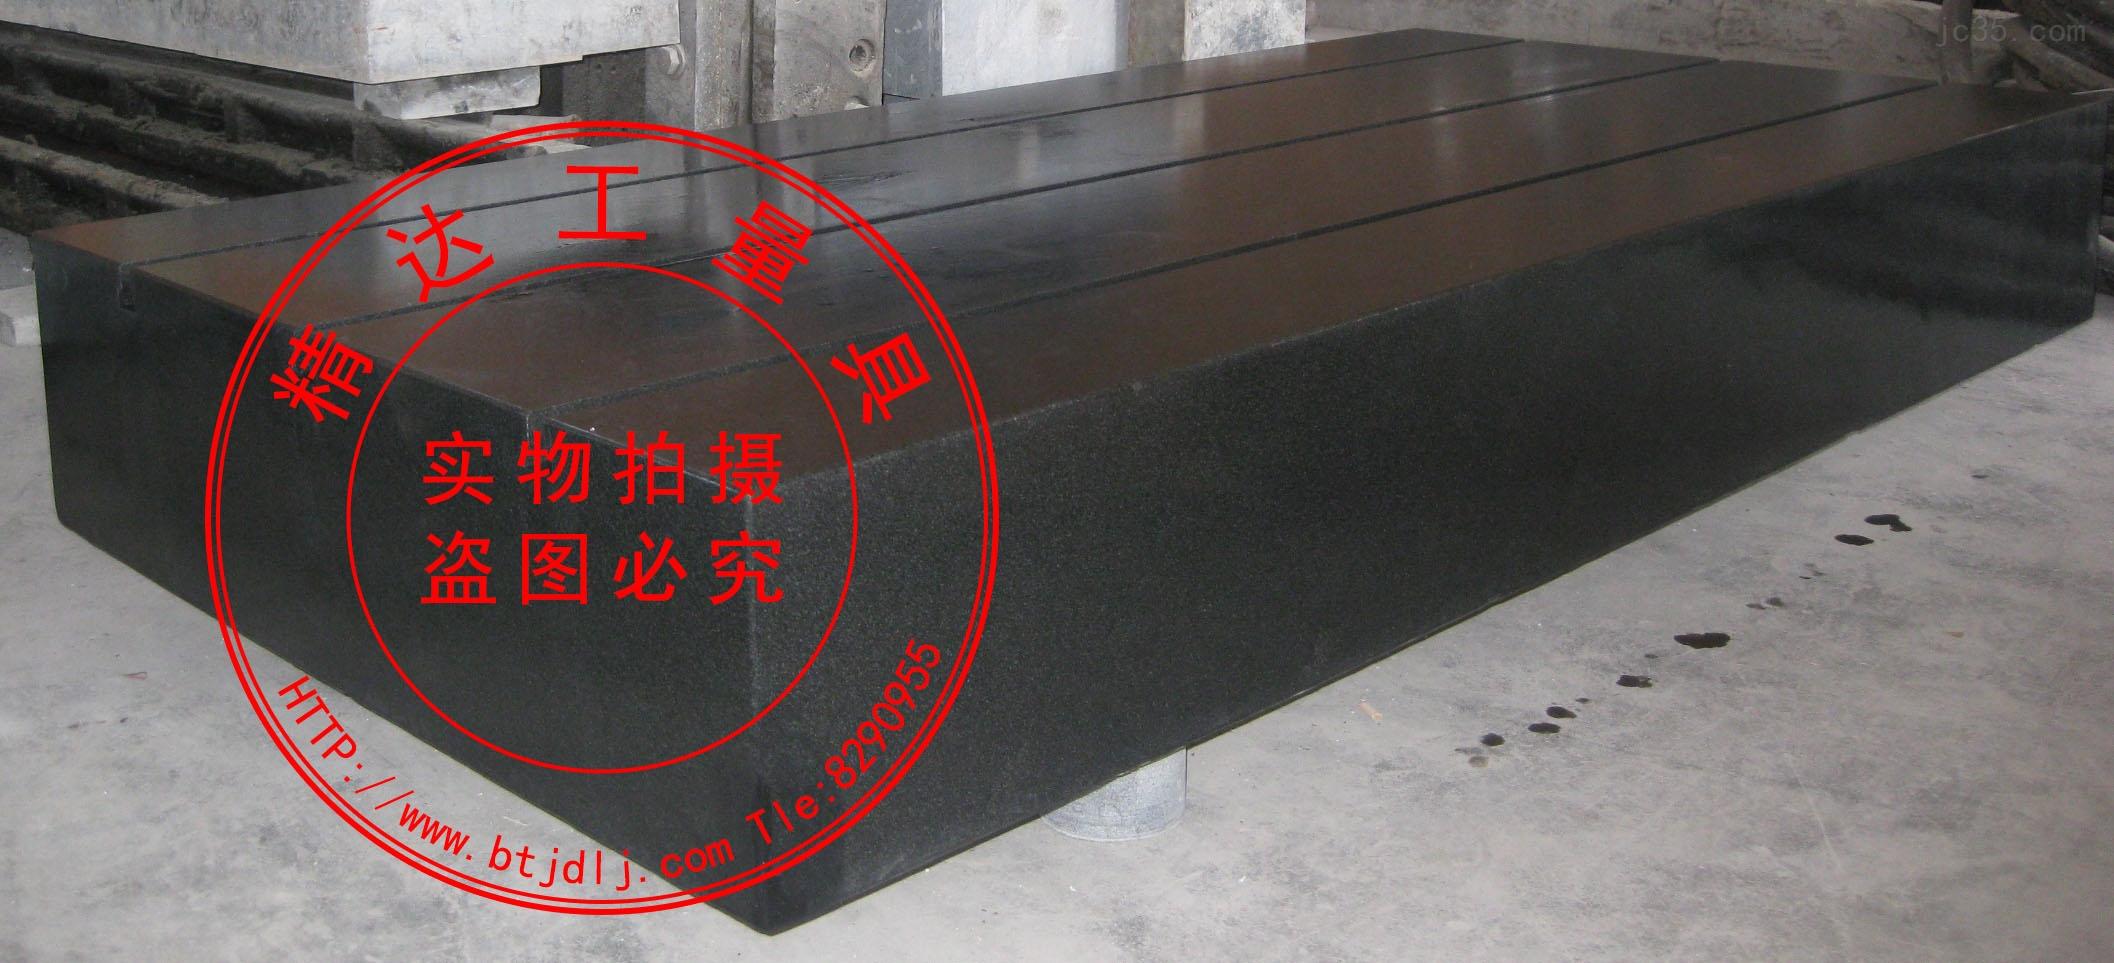 质大理石平板 大理石平台 泊头量具精达工量具